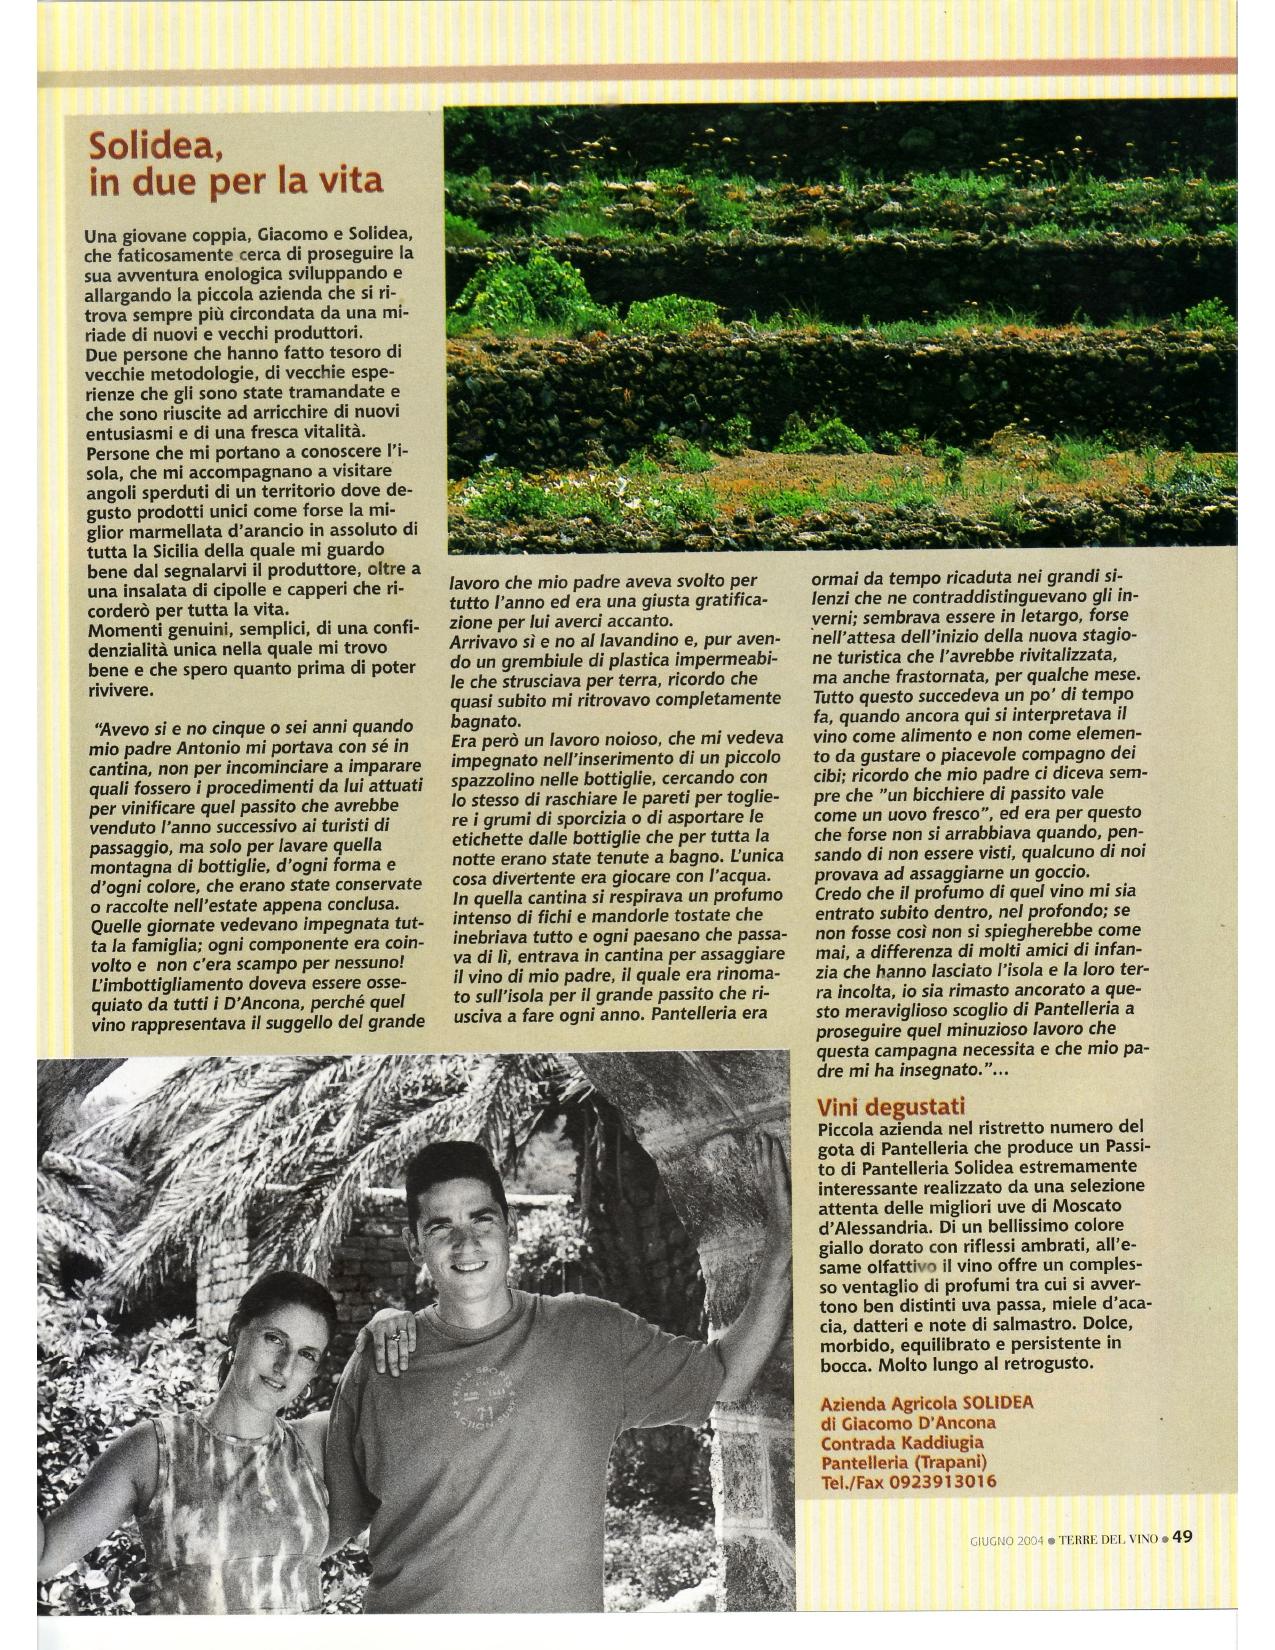 terre del vino azienda agricola solidea